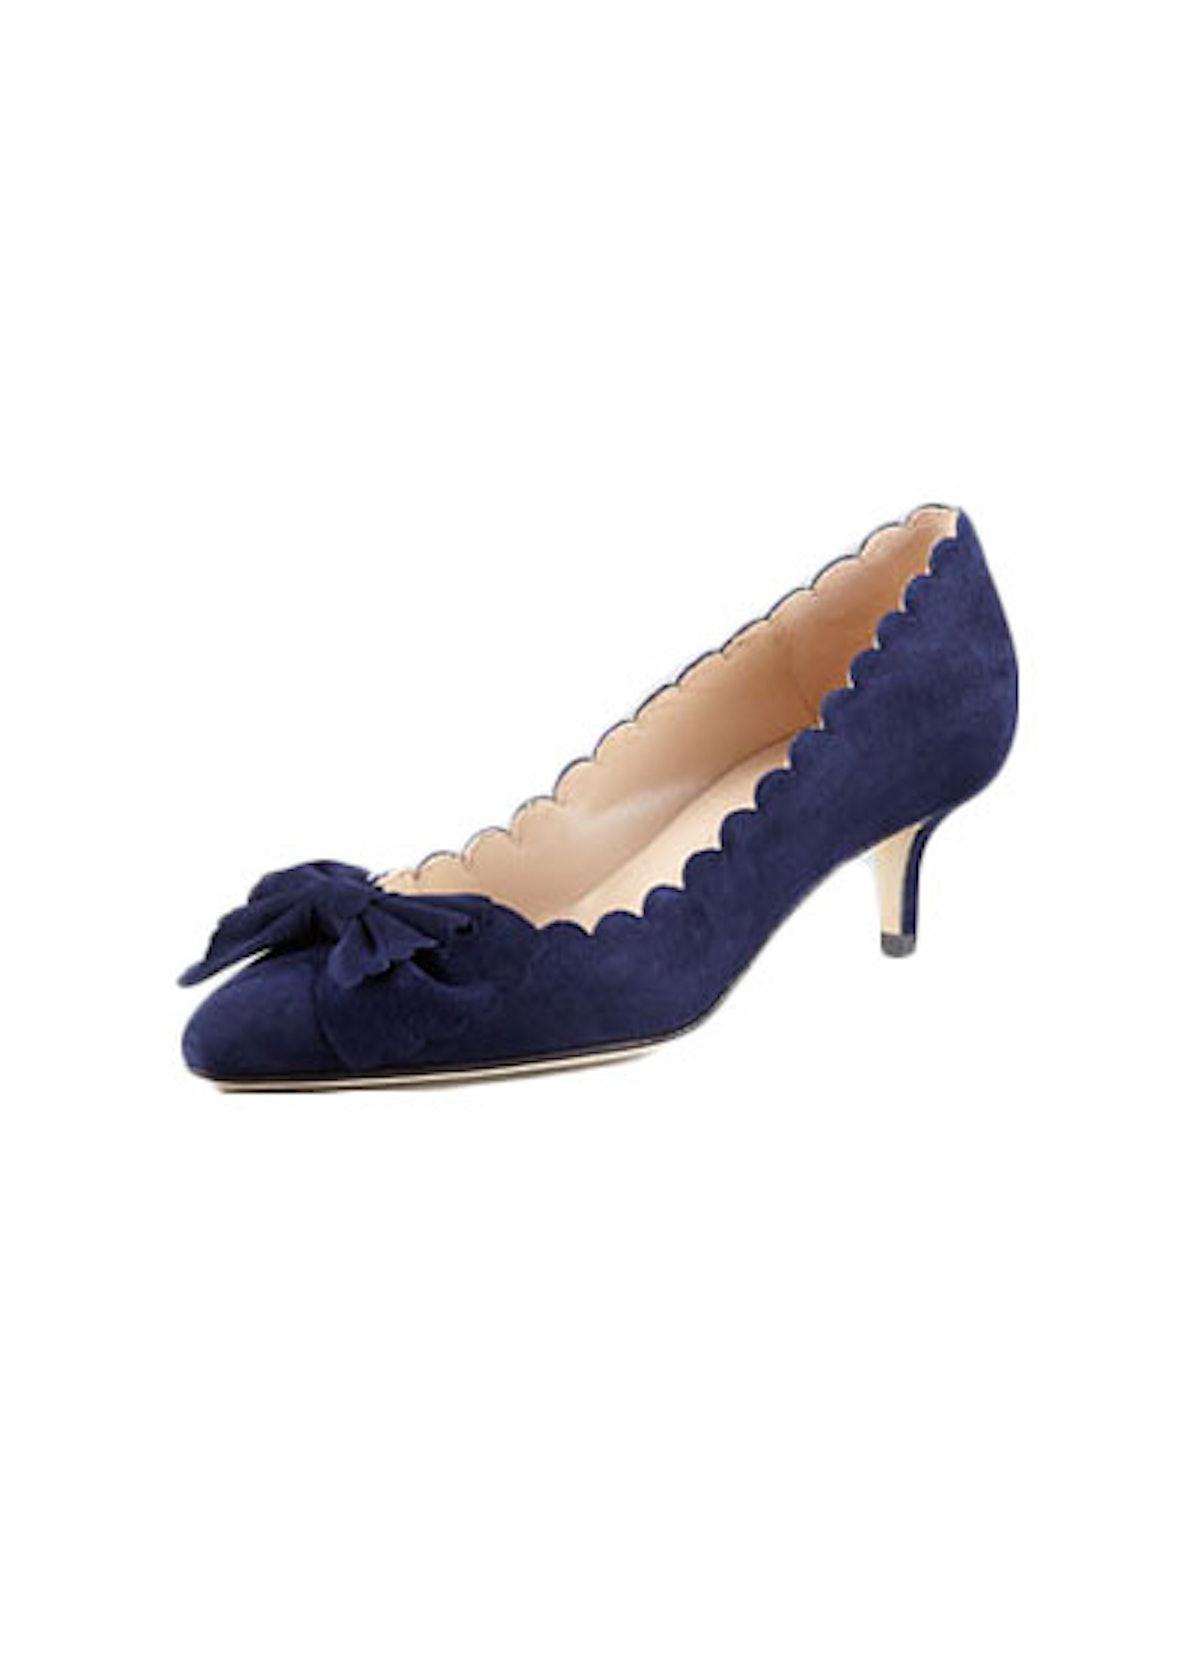 acss-kitten-heels-trend-08-v.jpg